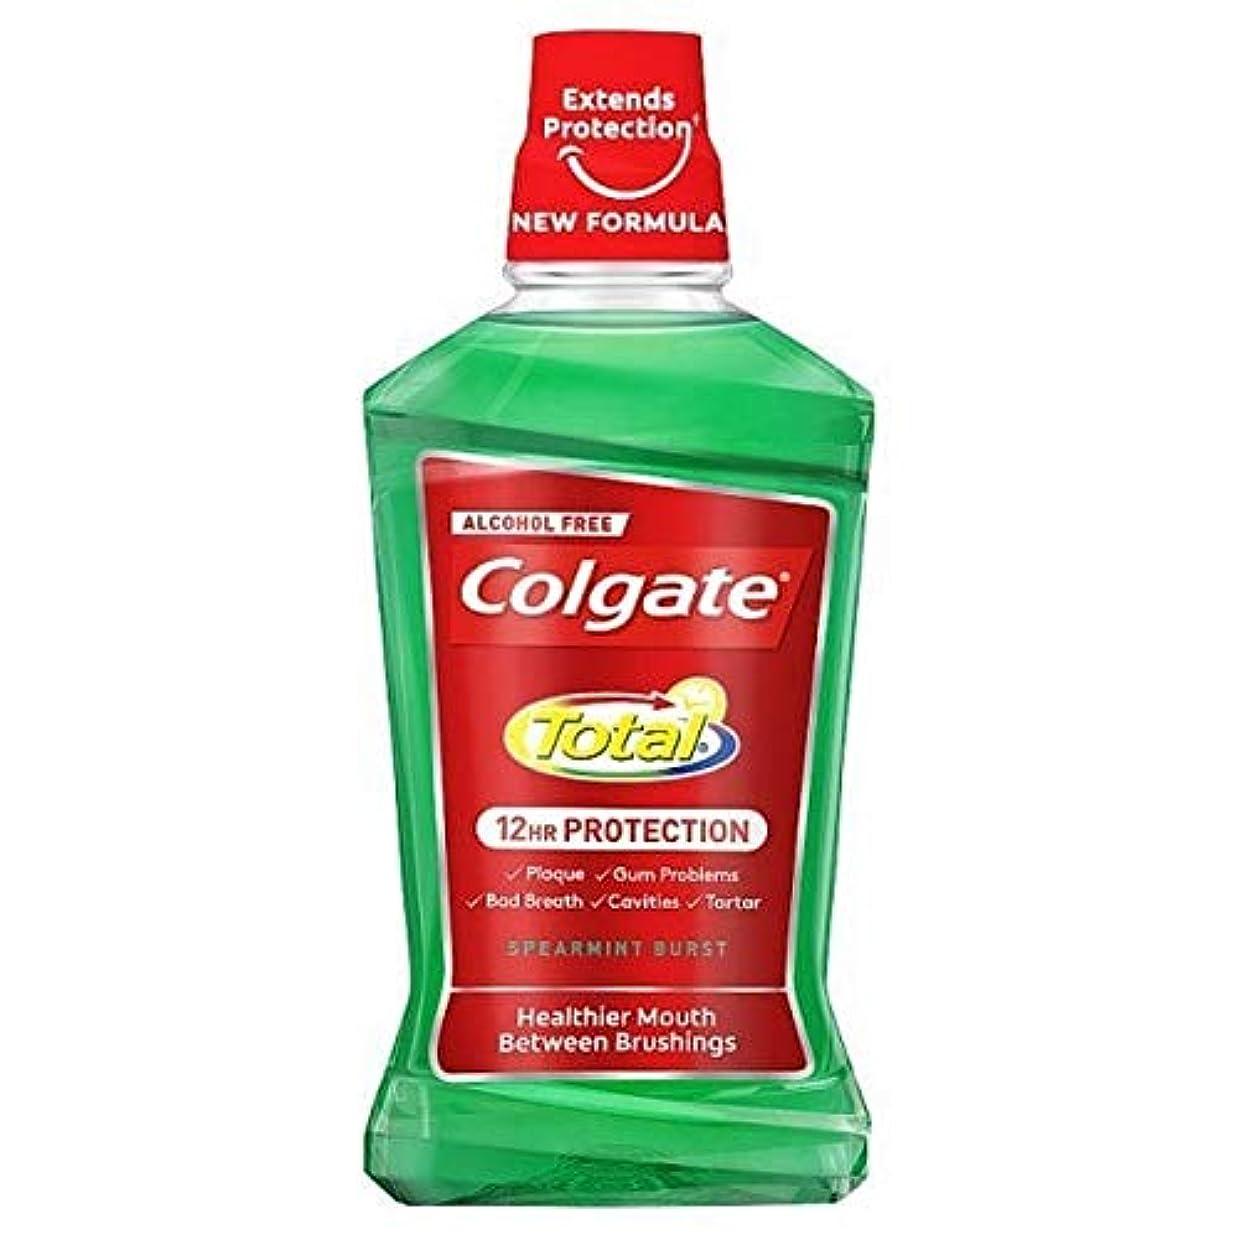 責めウサギミキサー[Colgate ] コルゲートトータルスペアミントバーストマウスウォッシュ500ミリリットル - Colgate Total Spearmint Burst Mouthwash 500ml [並行輸入品]